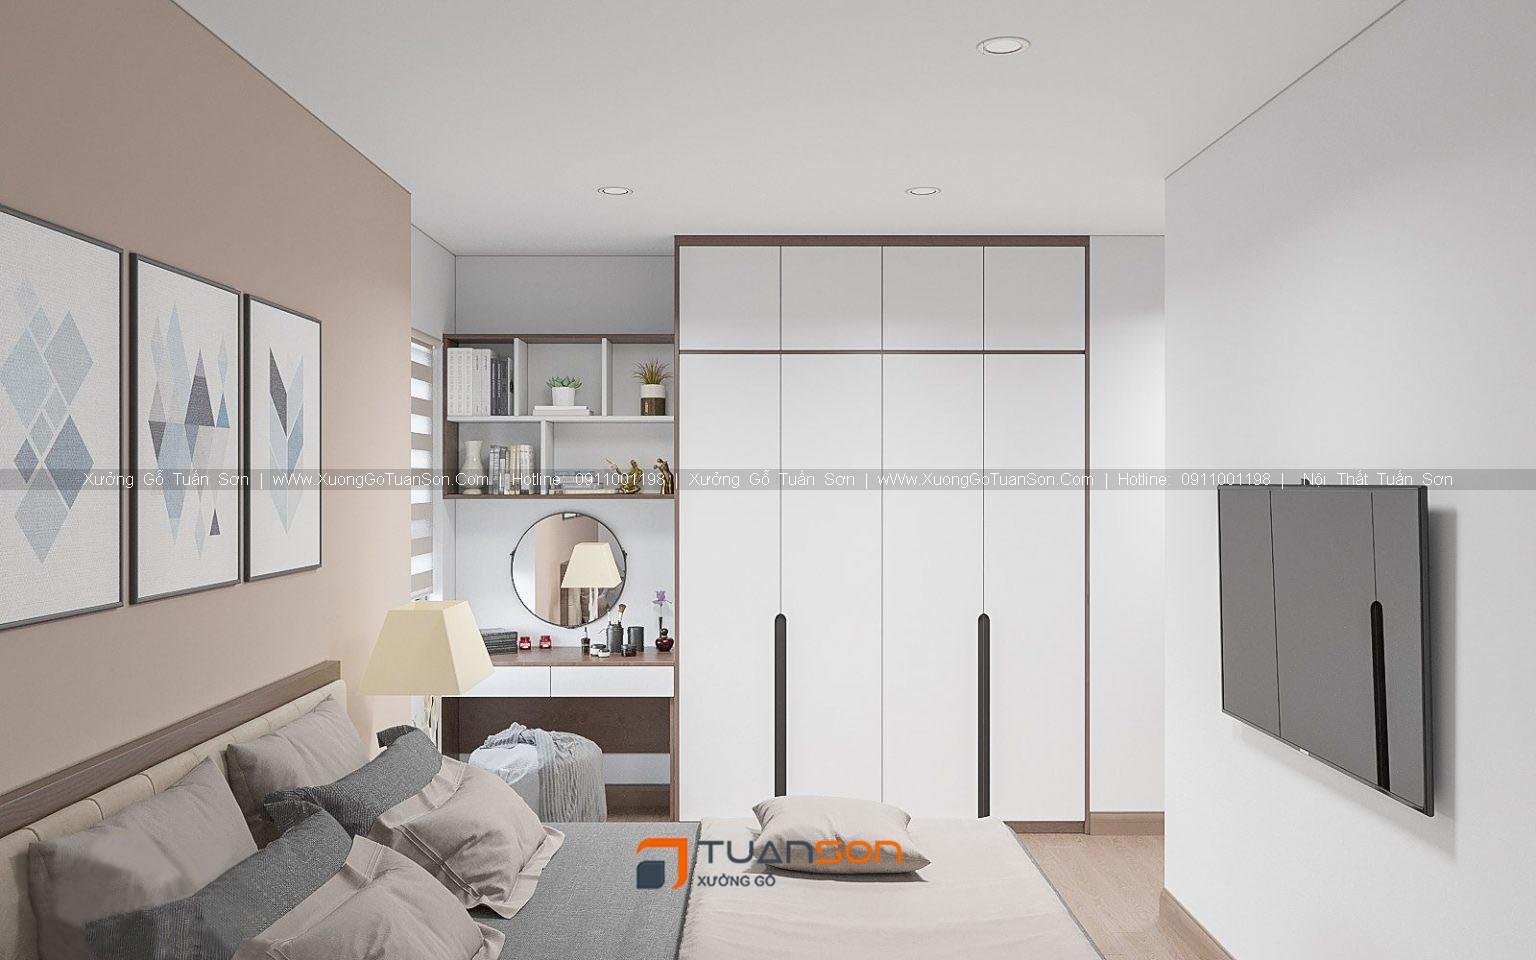 Thiết kế nội thất căn hộ 2 phòng ngủ (căn góc) IEC Thanh Trì